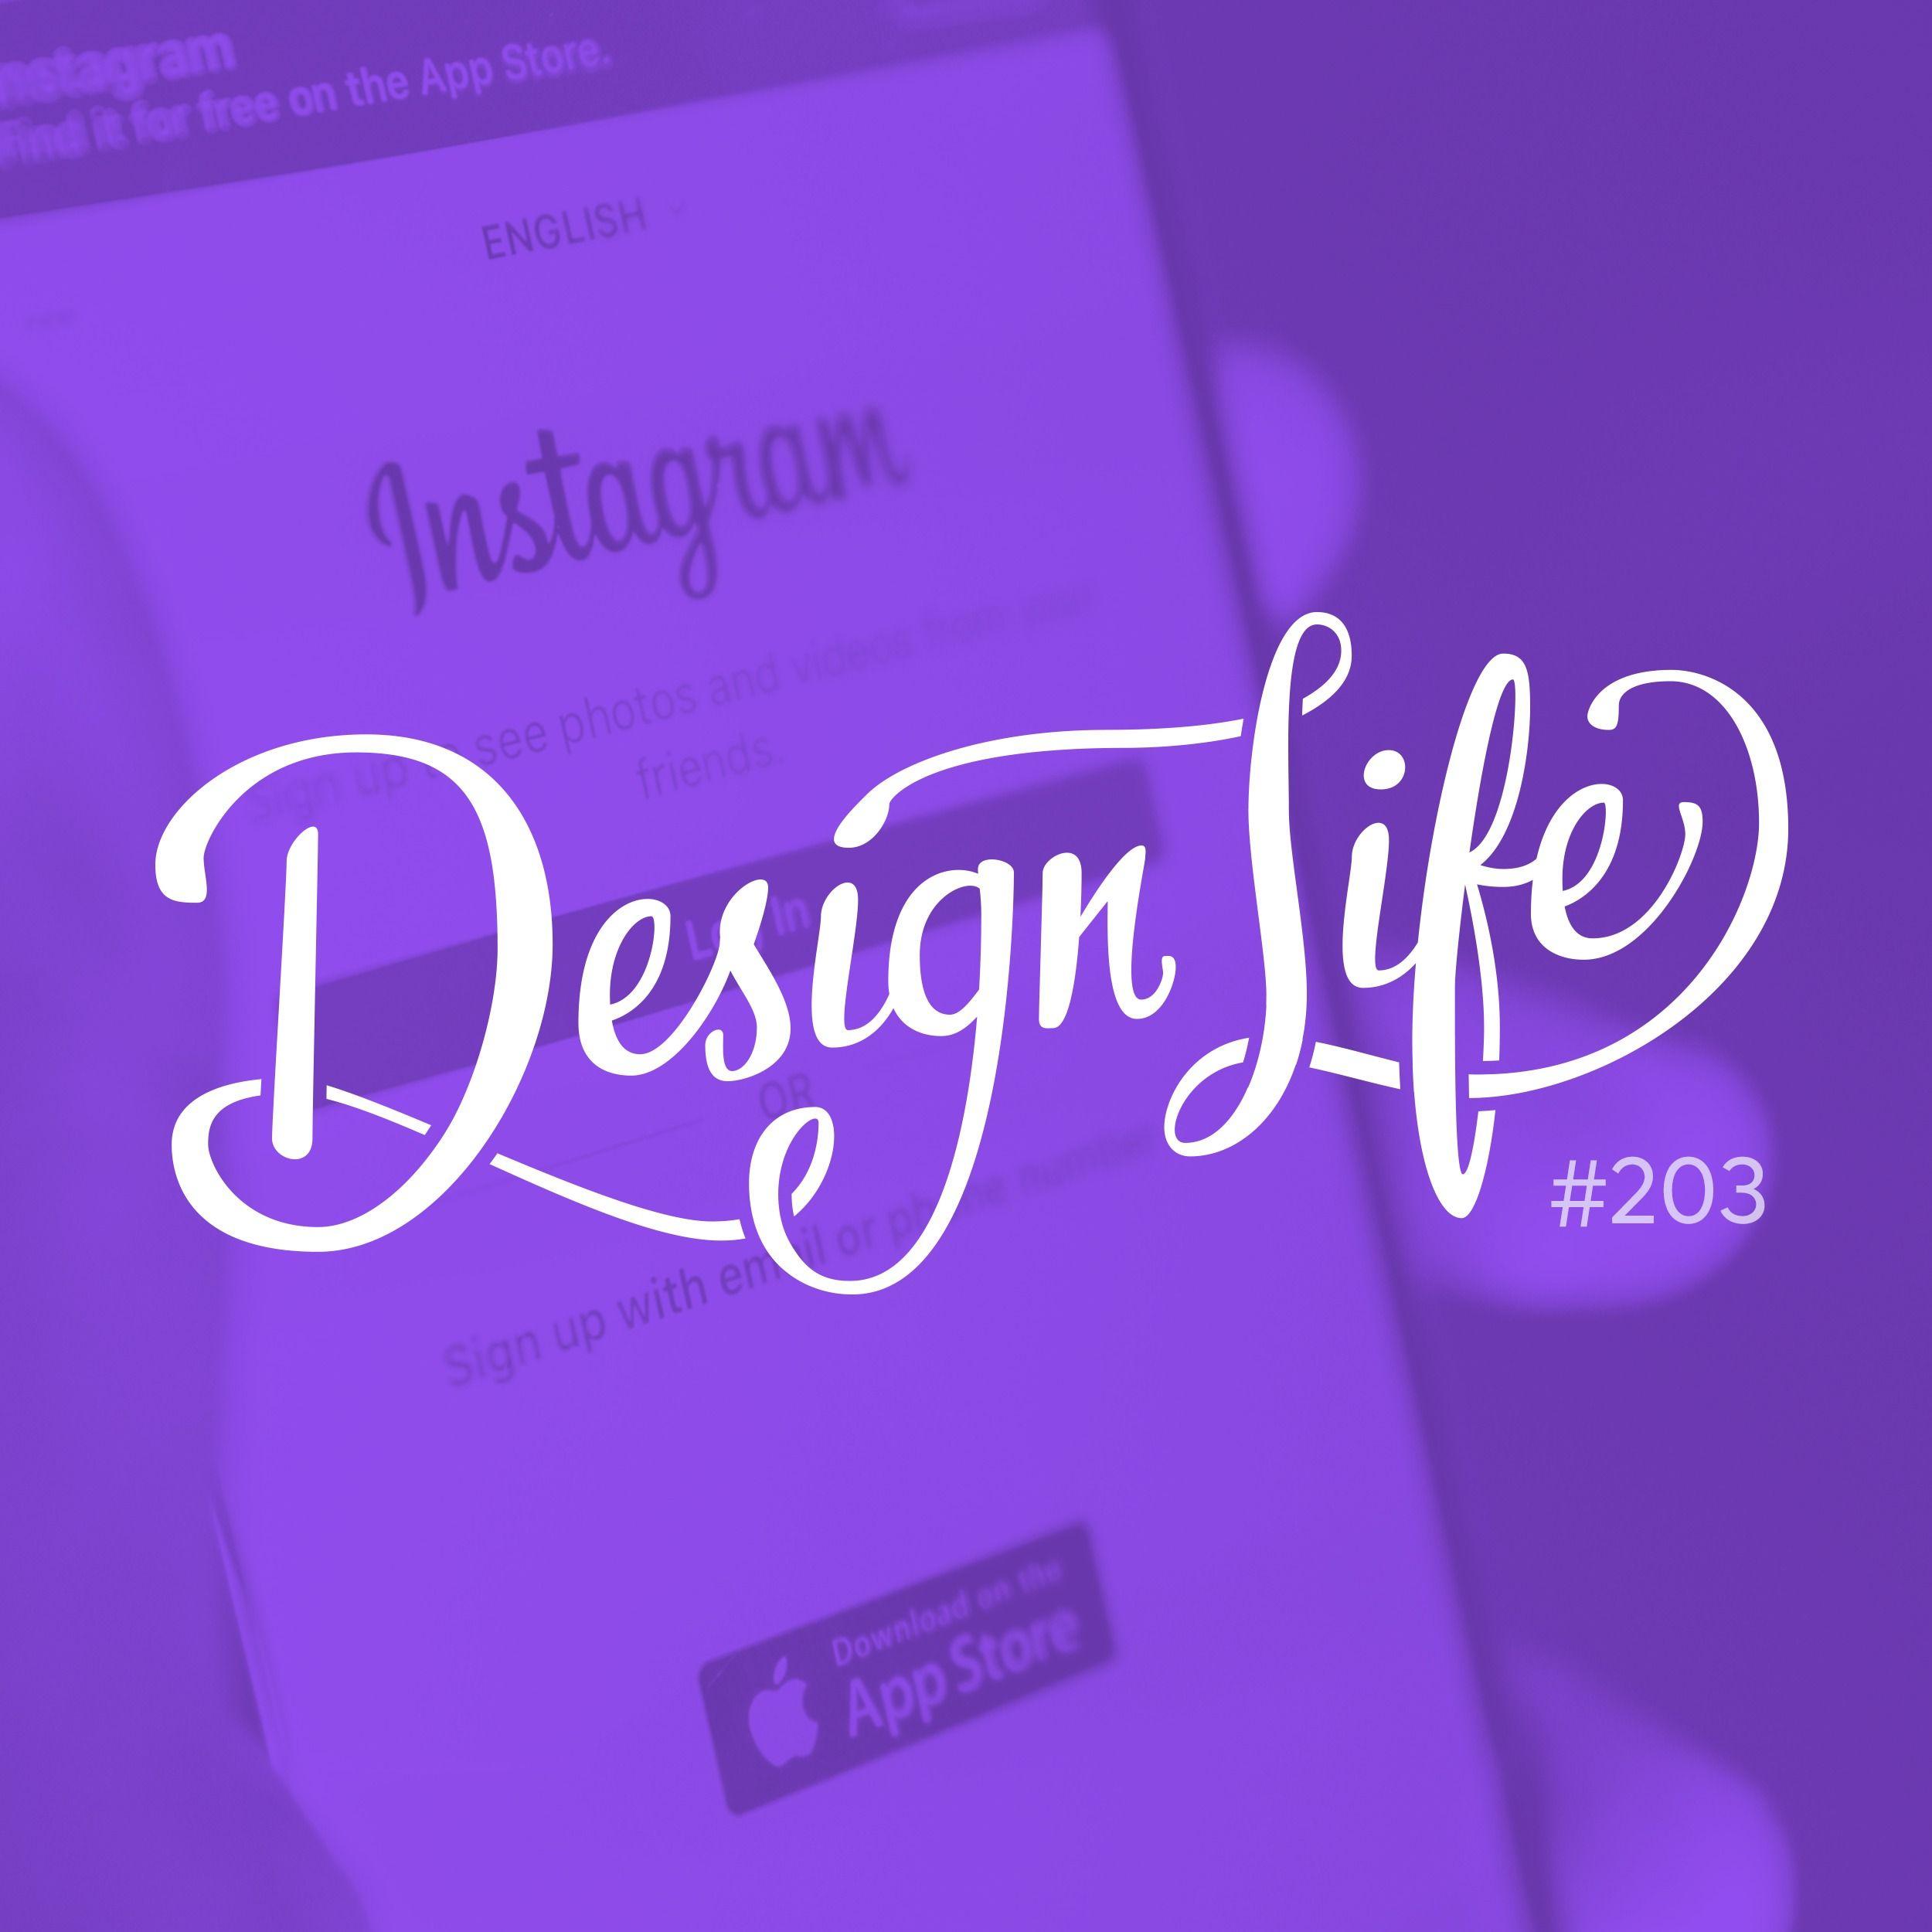 203: Running a design-focused Instagram